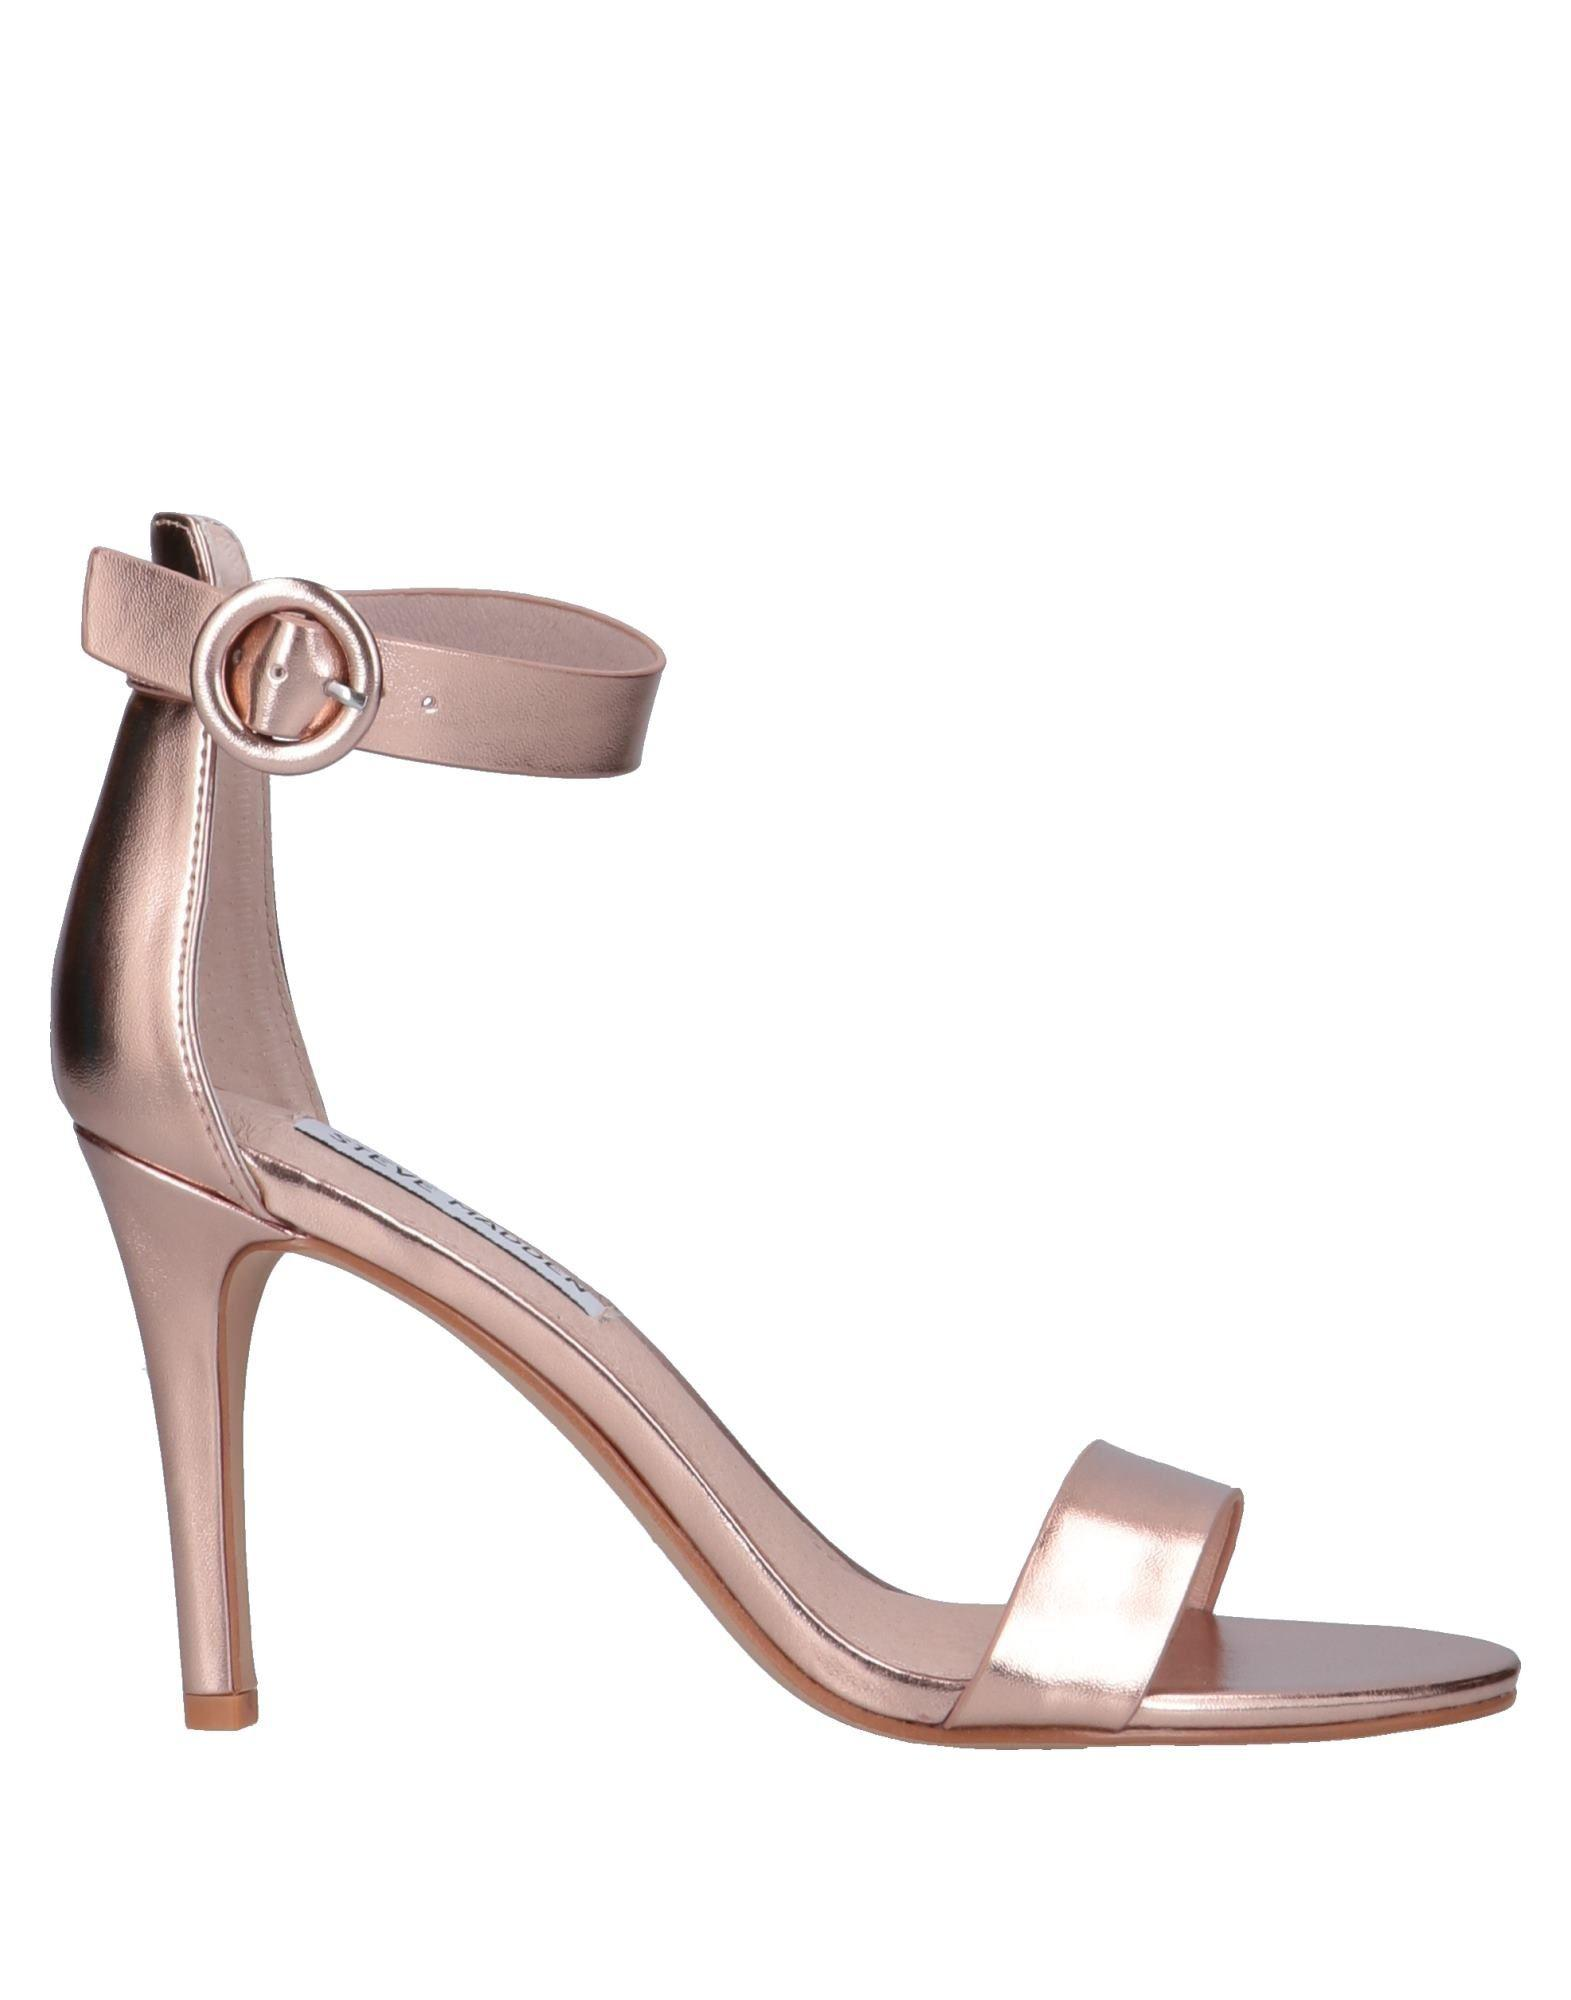 09c751726b54 Steve Madden. Women s Sandals